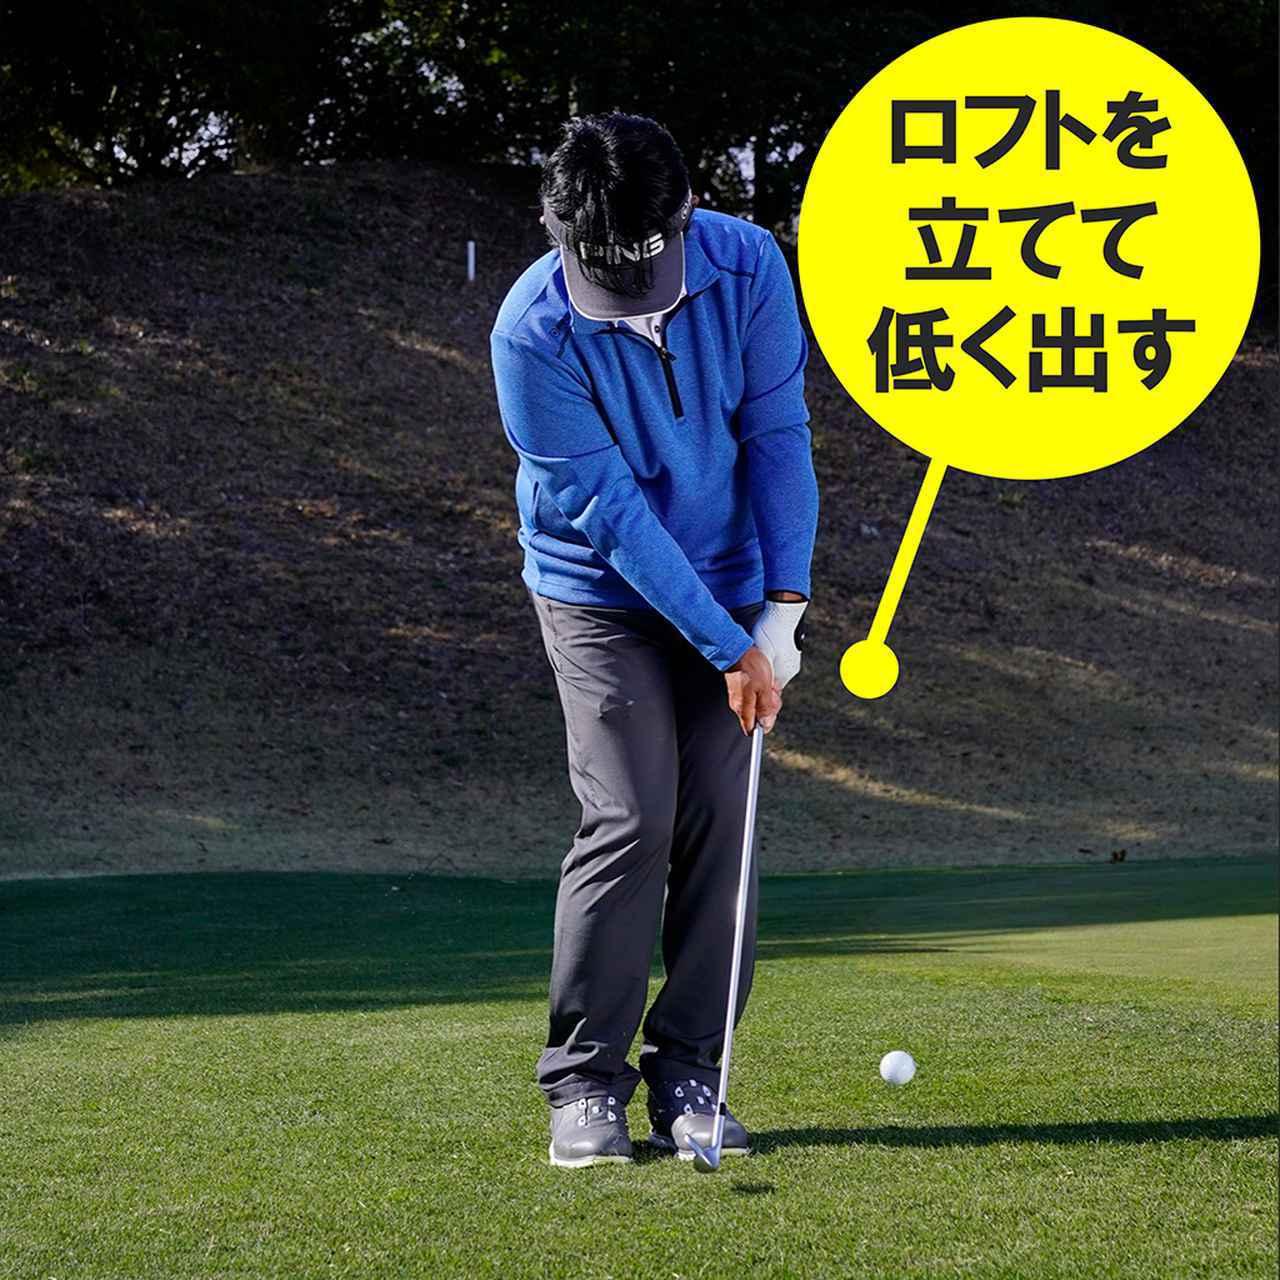 """画像3: 【アプローチ】昔は上手く打てていたのに…。花道で自滅しない""""ピッチ&ラン"""" 入門!"""